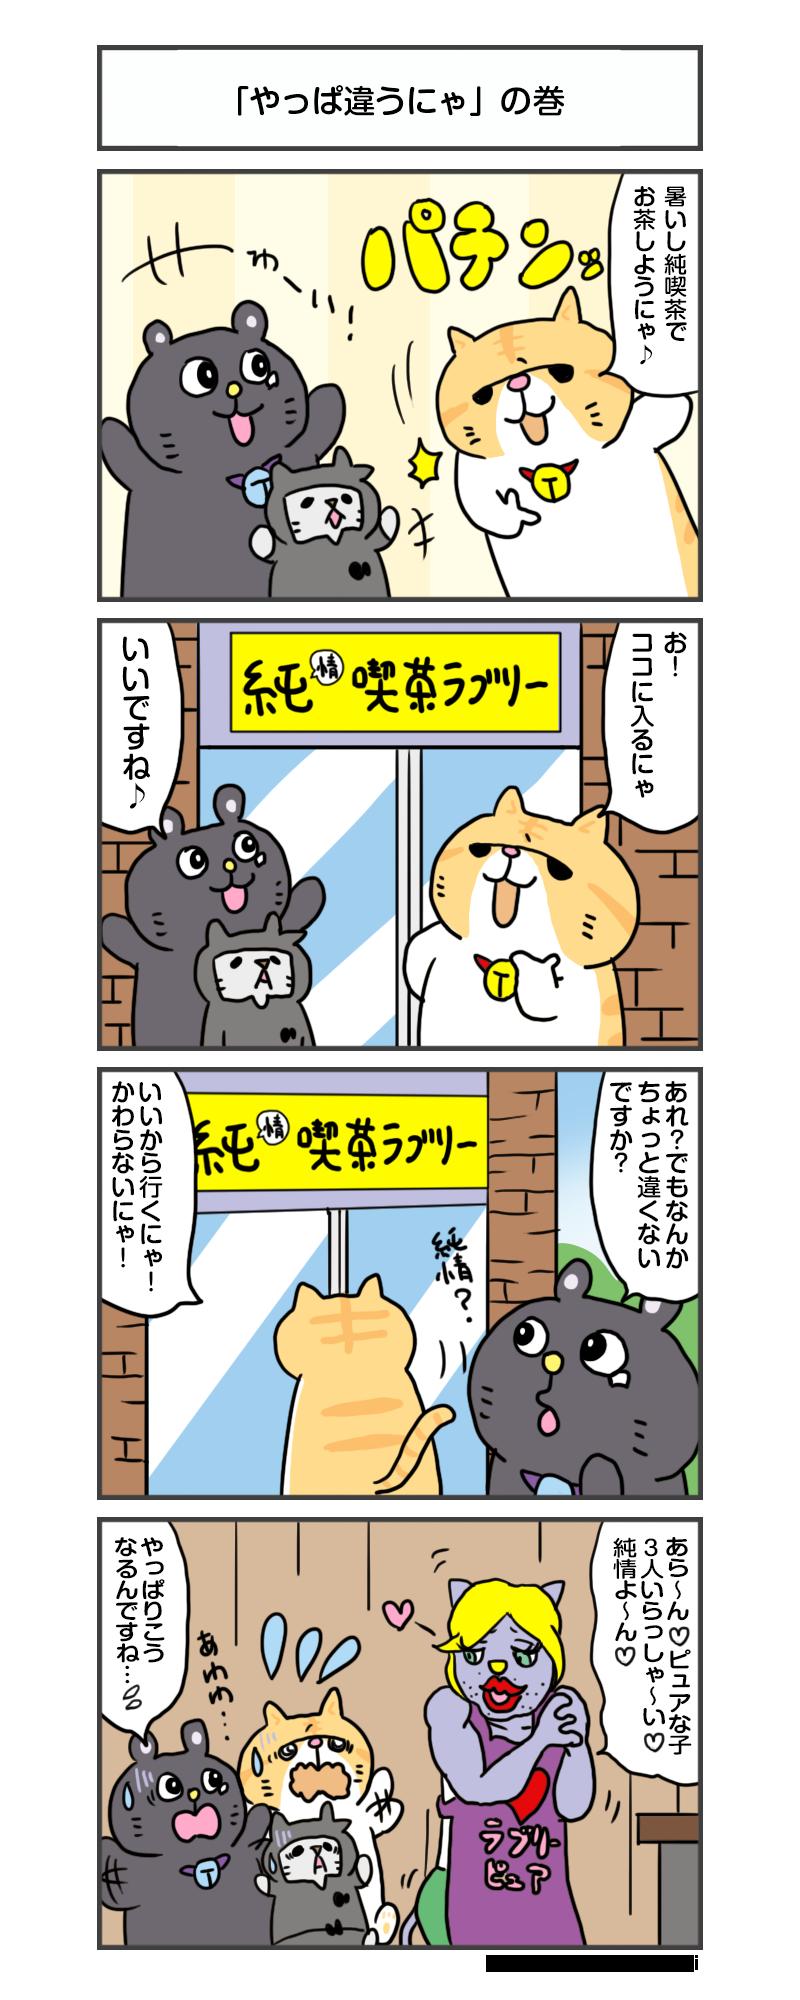 えきぞうmanga_vol.307